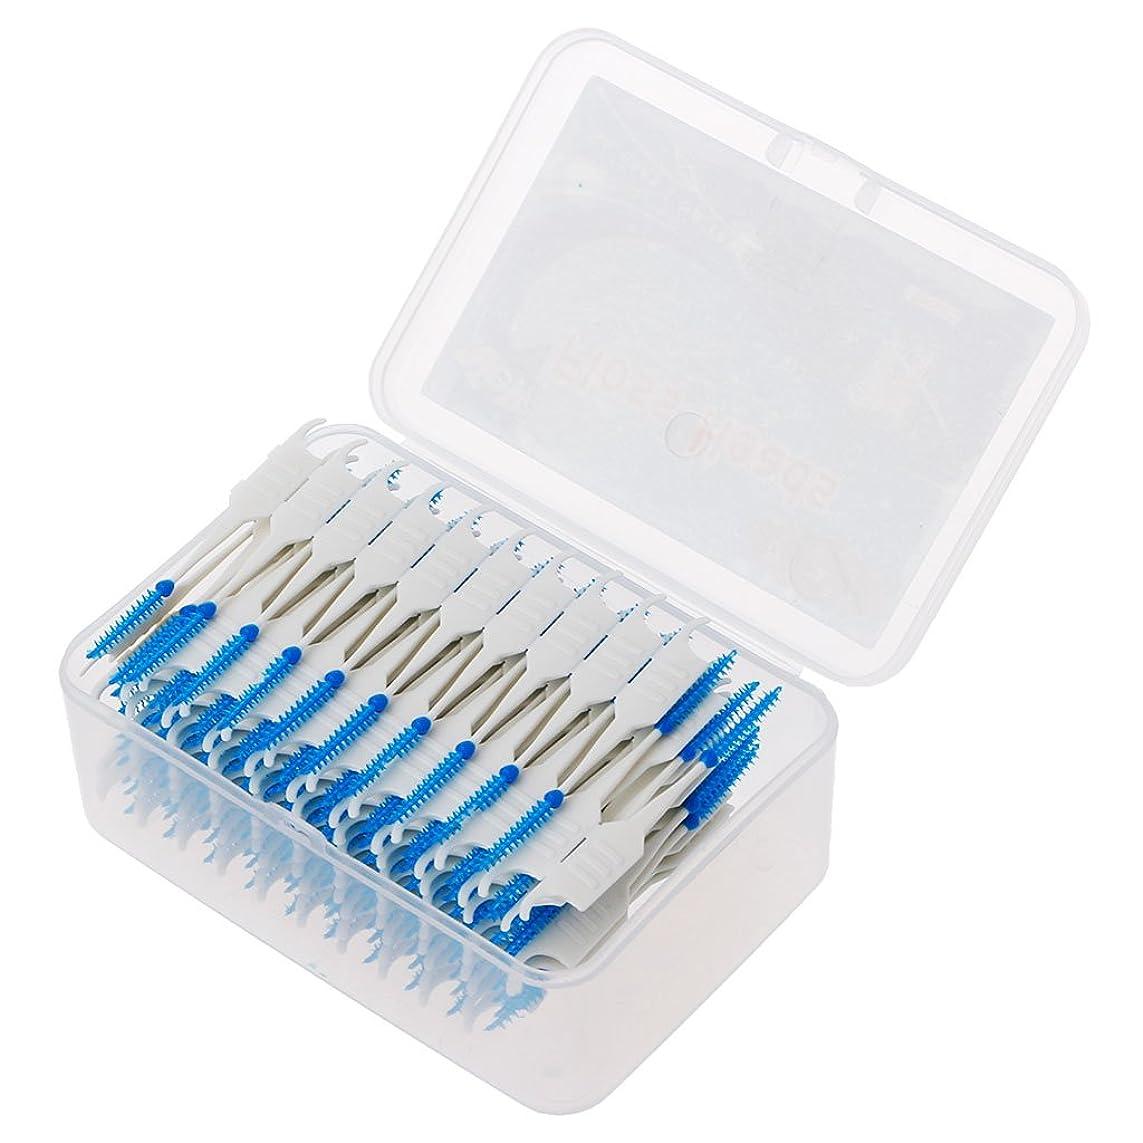 アカデミー消費するお酒Yblings 20-200ピースダブルフロスヘッド衛生歯科用シリコン歯間ブラシつまようじ